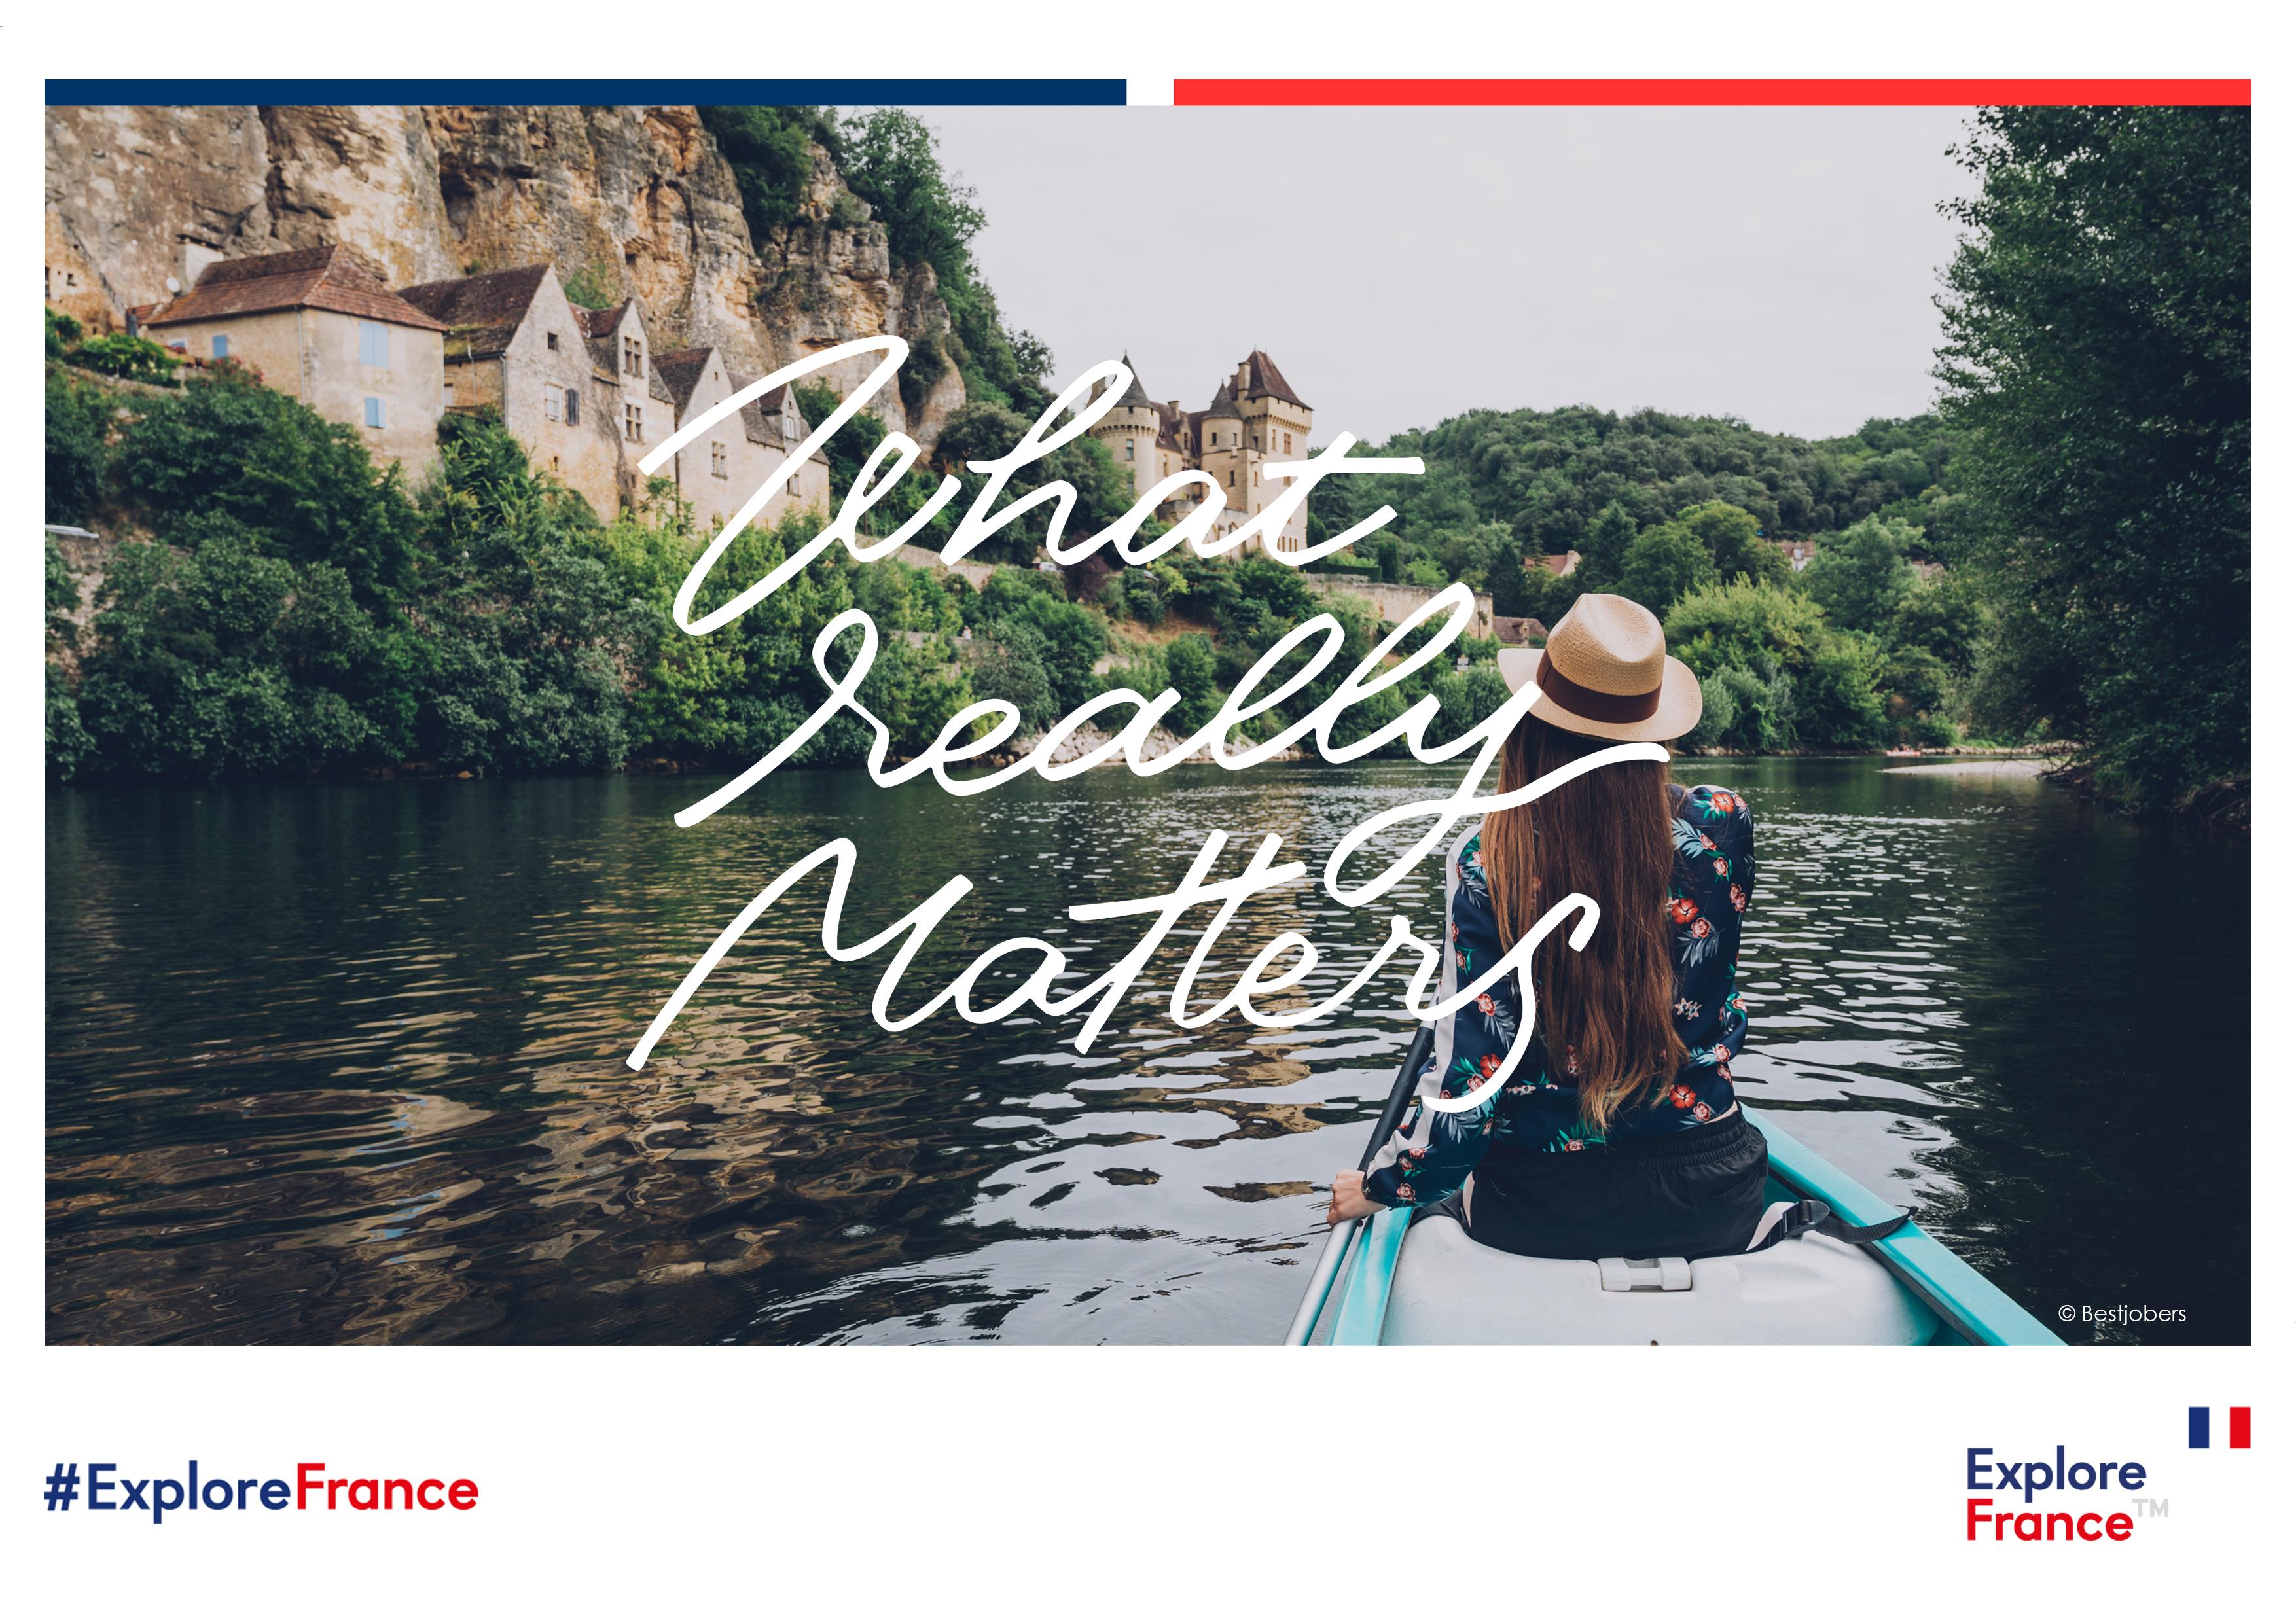 tourisme, France, relance, Etat, Régions, Atout France, campagne, été, 2021